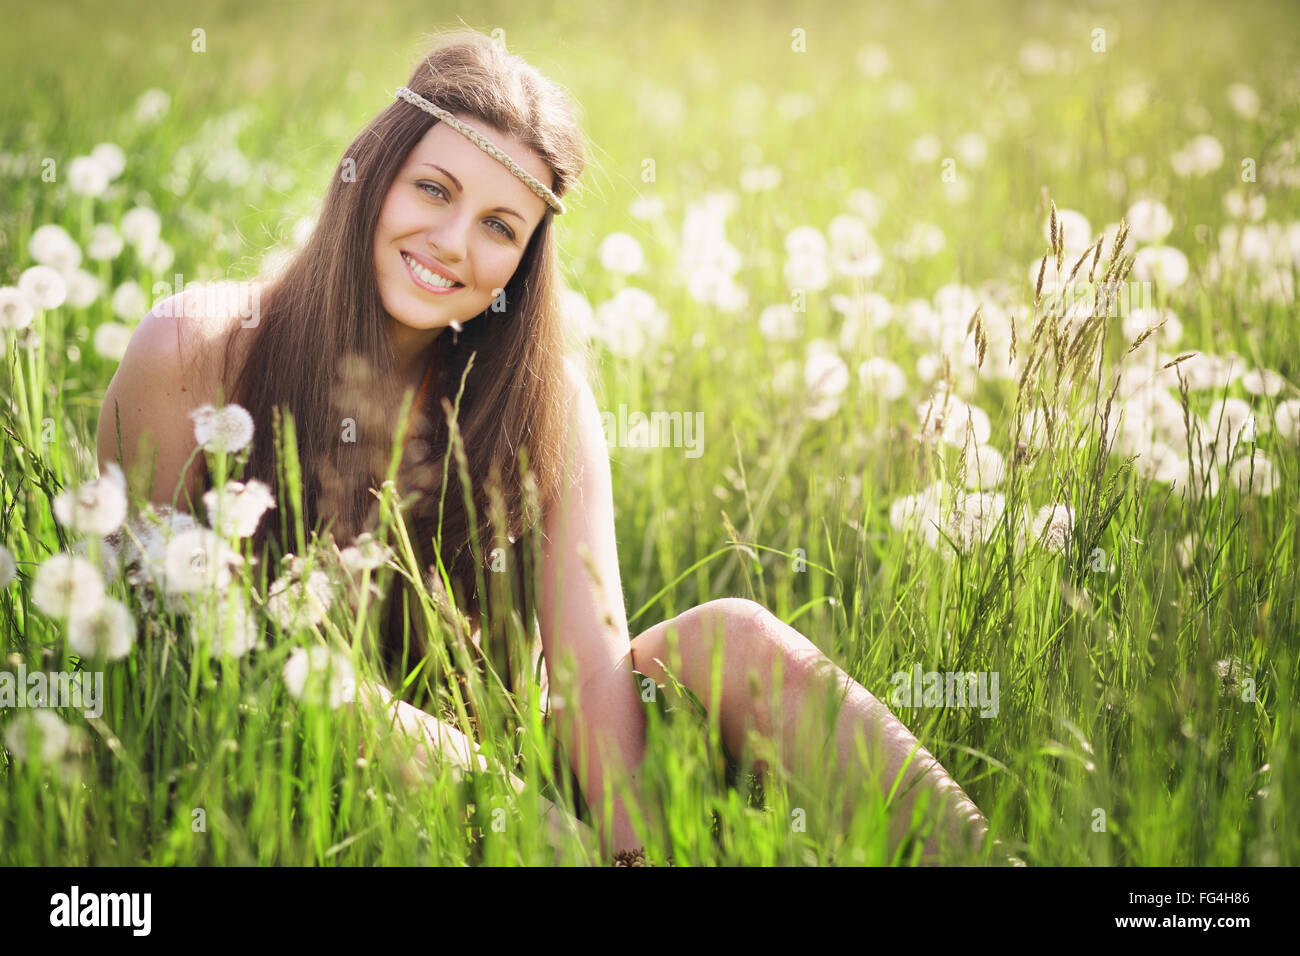 Schöne junge Frau lächelnd auf einer blühenden Wiese. Natur-Harmonie und Gelassenheit Stockbild